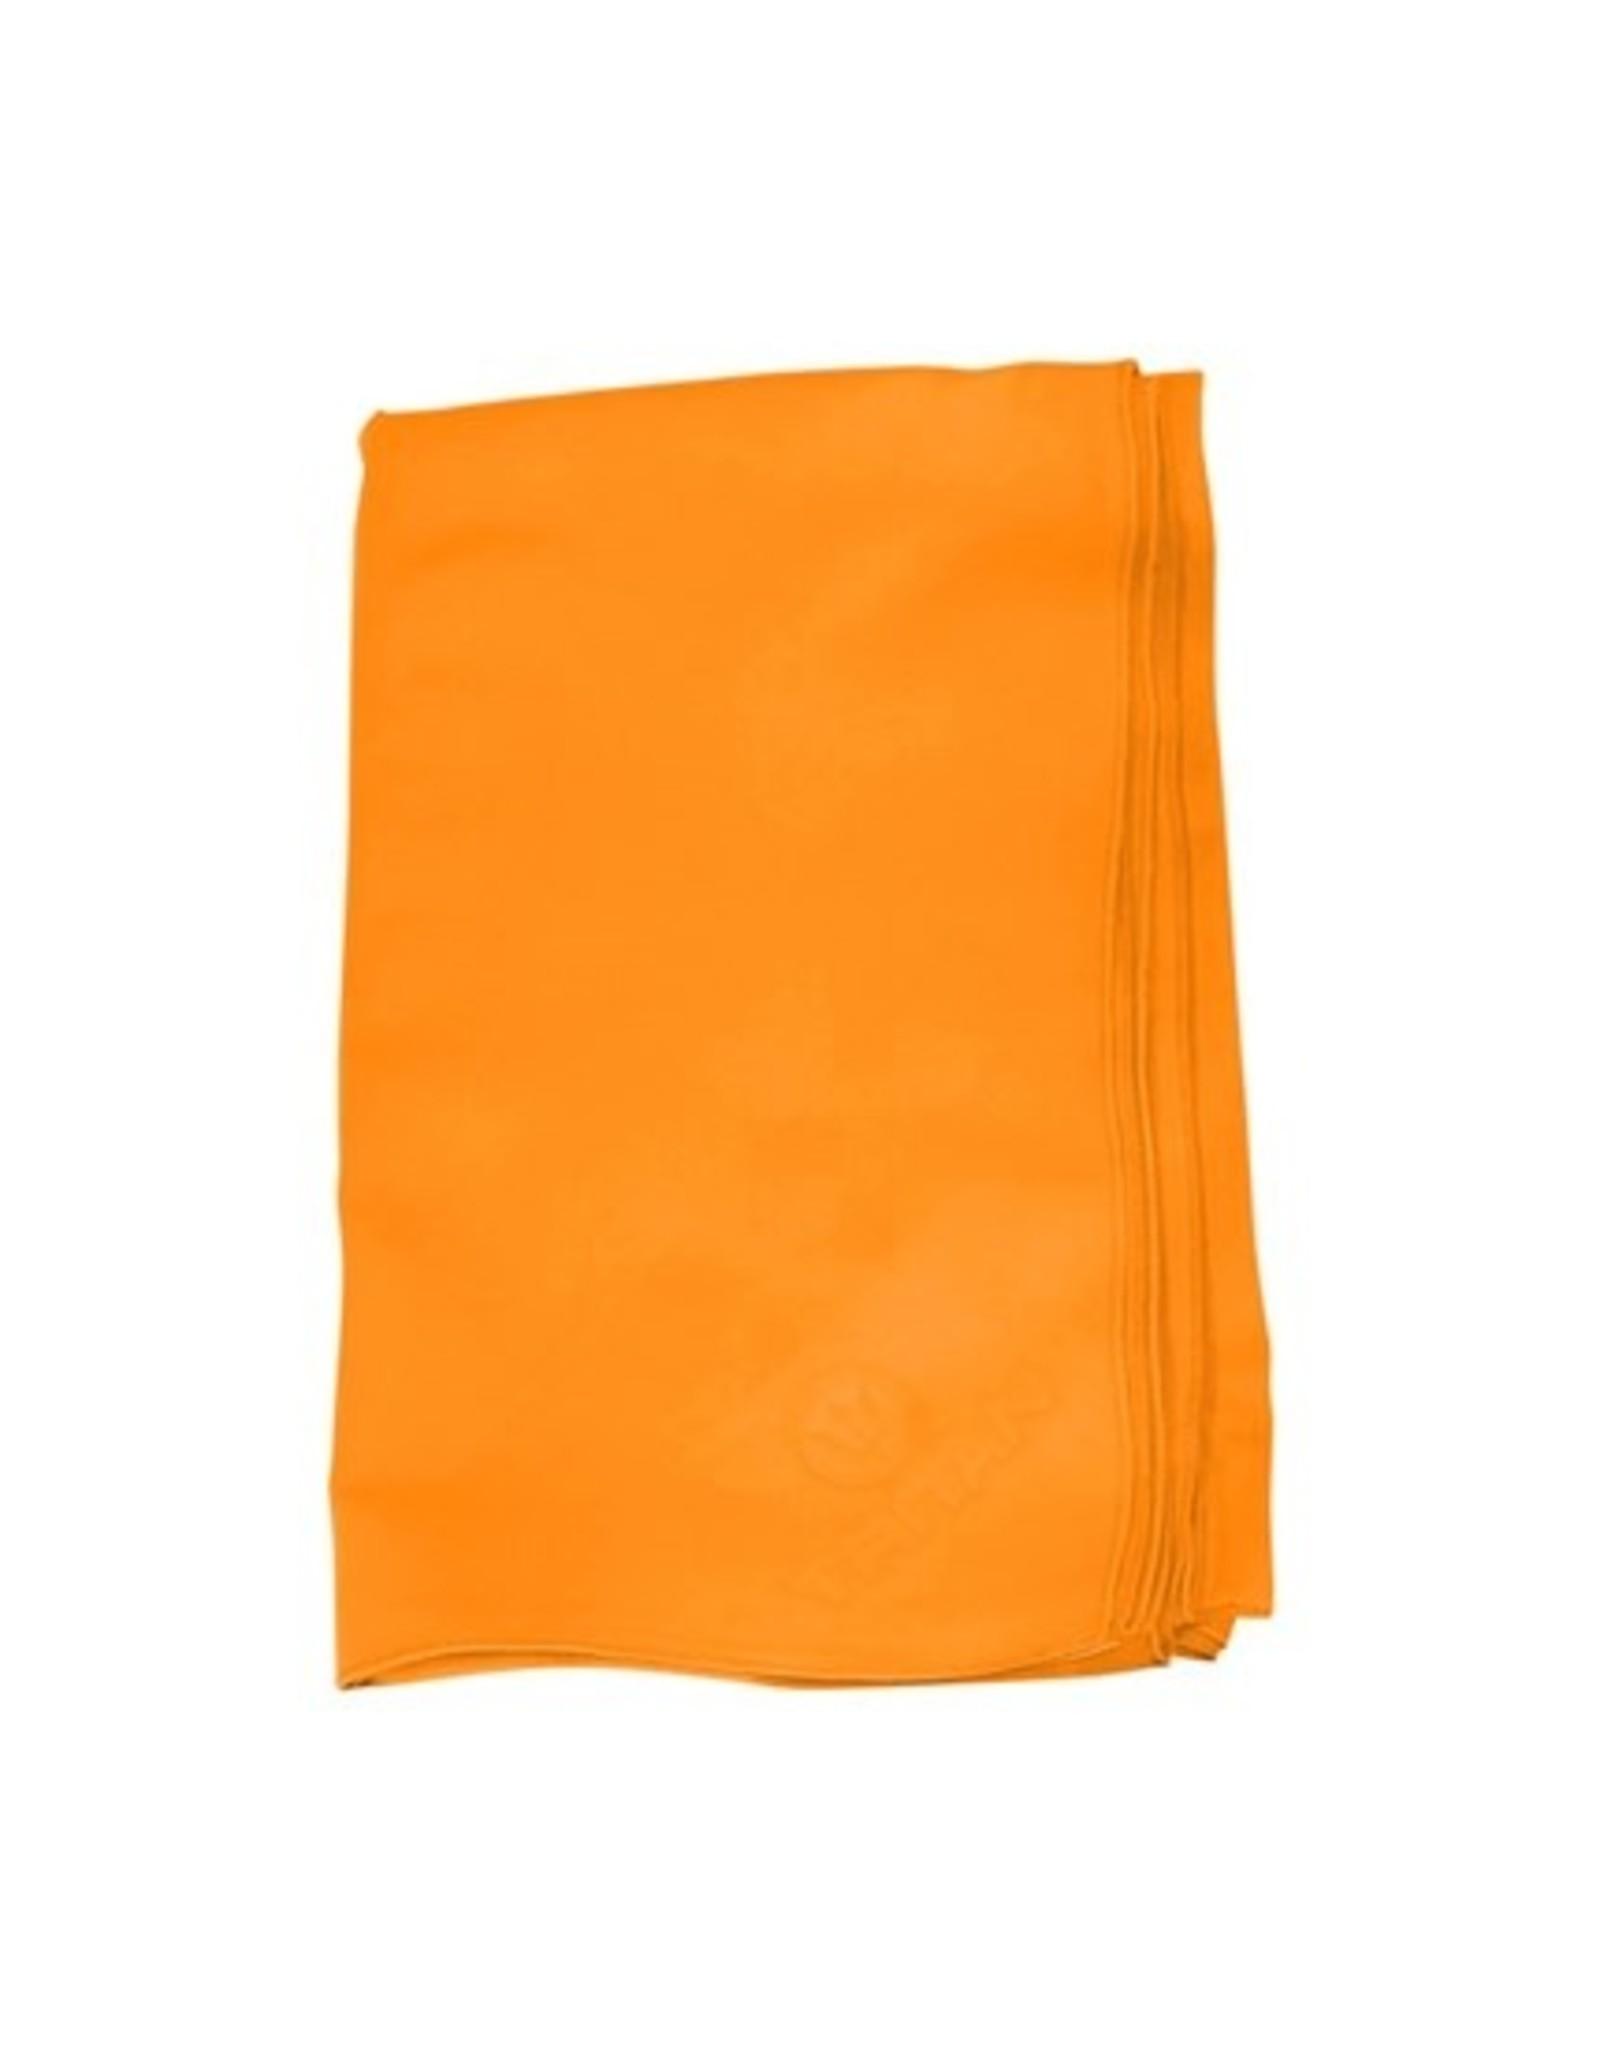 TRITAN MICROFIBER TOWEL